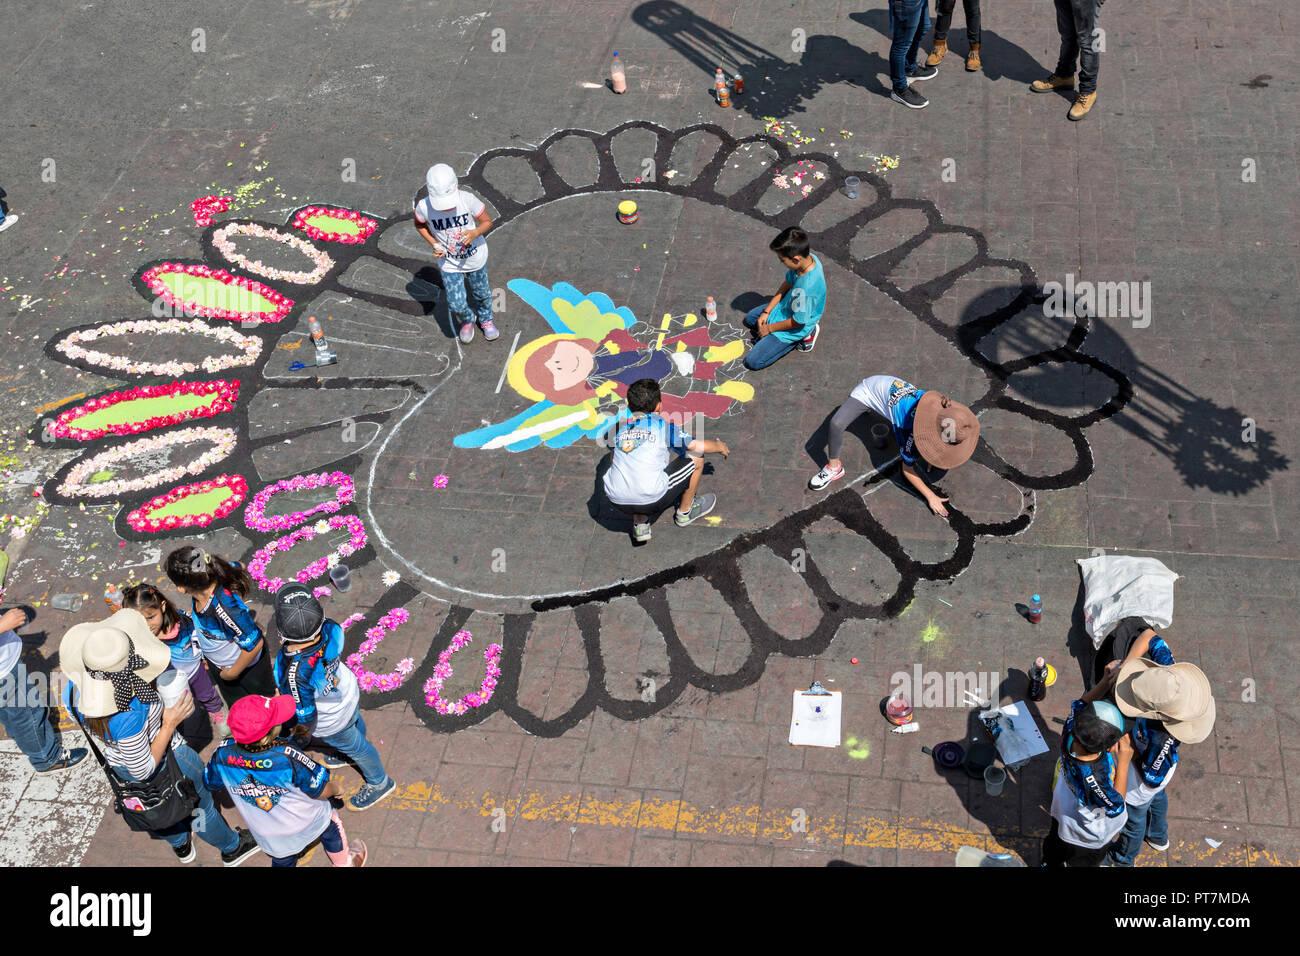 Tappeto Floreale Bruxelles : Un tappeto di mila begonie in piazza a bruxelles